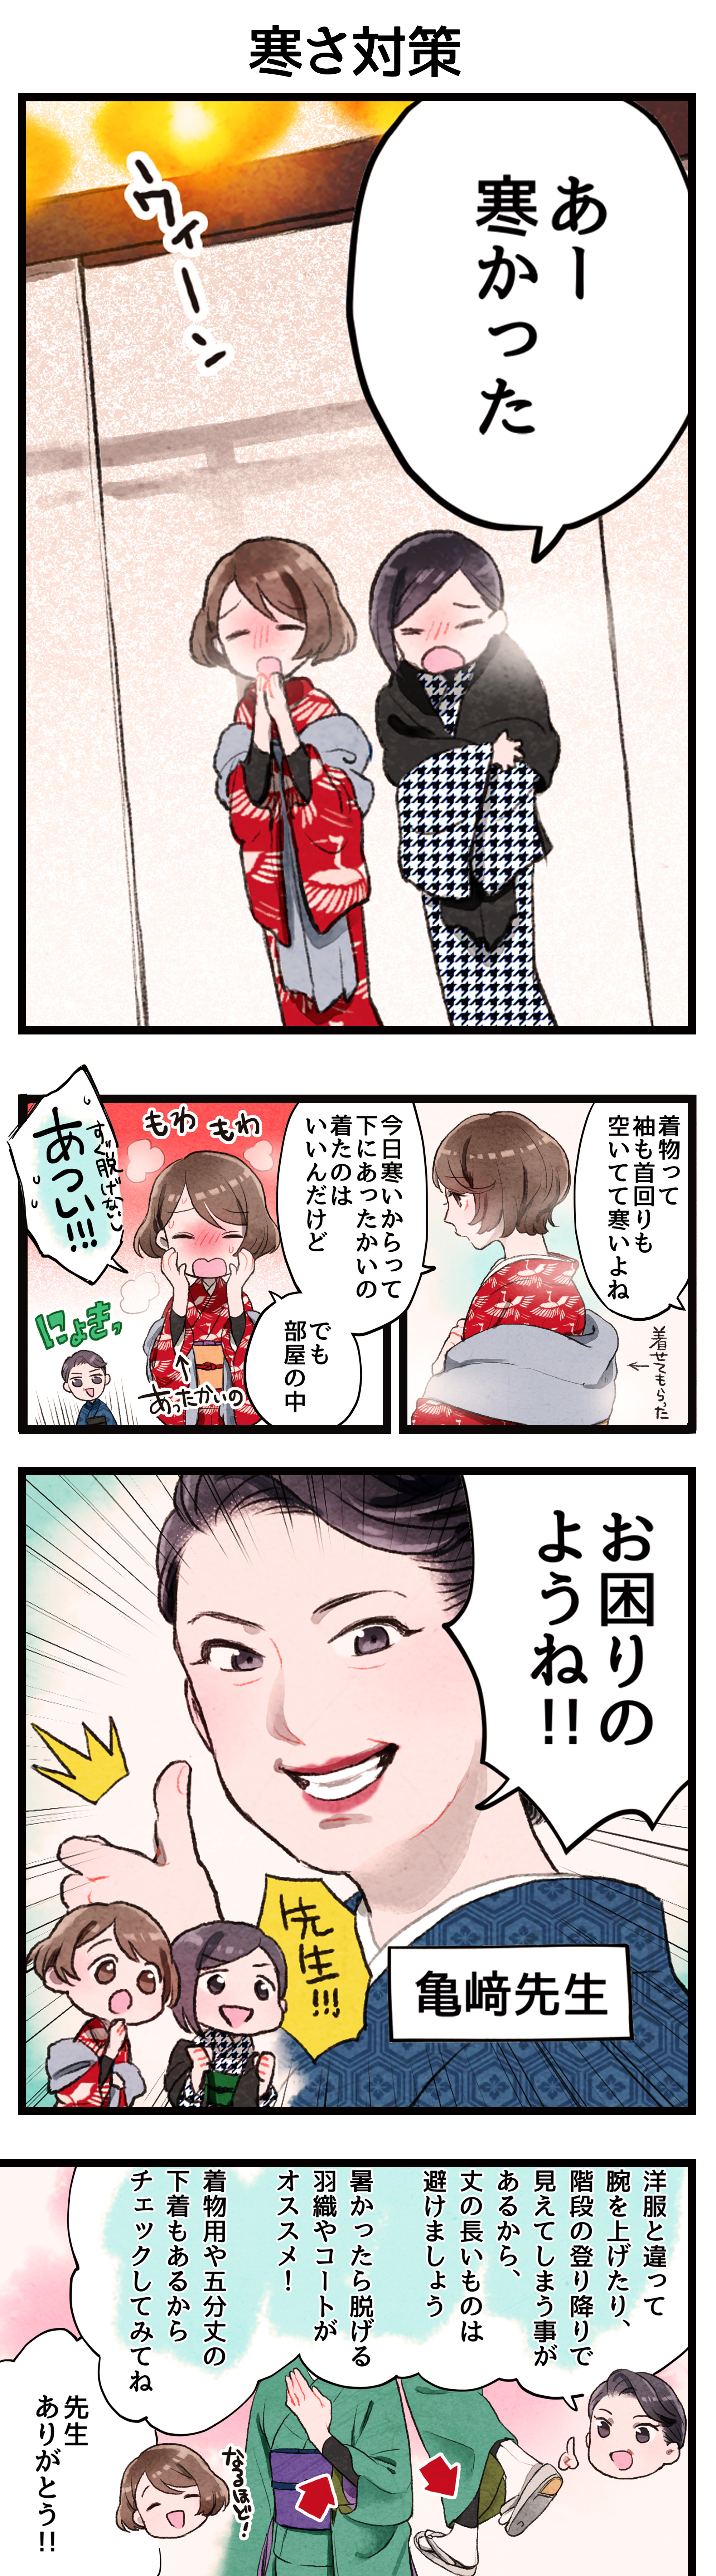 着物を着ている時の寒さ対策 大阪・兵庫・京都・滋賀・奈良など近畿一円に 日本の伝統と文化を広める「きもの着付け教室」